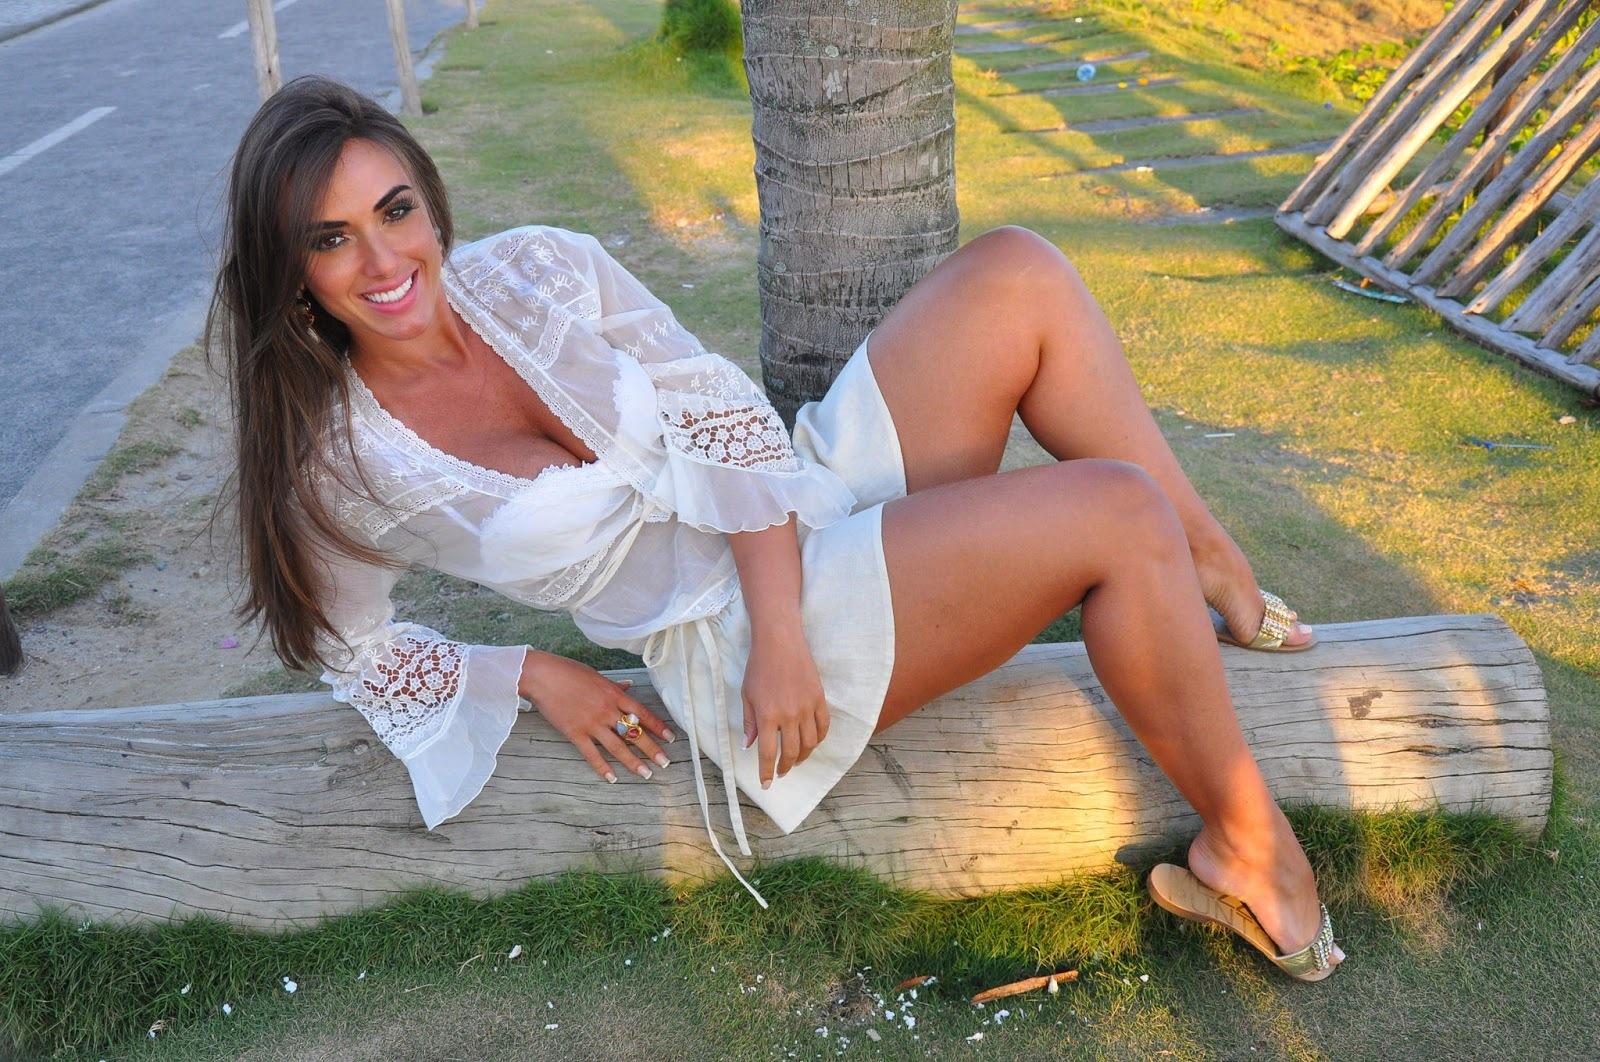 Nicole bahls brazilian feet 2